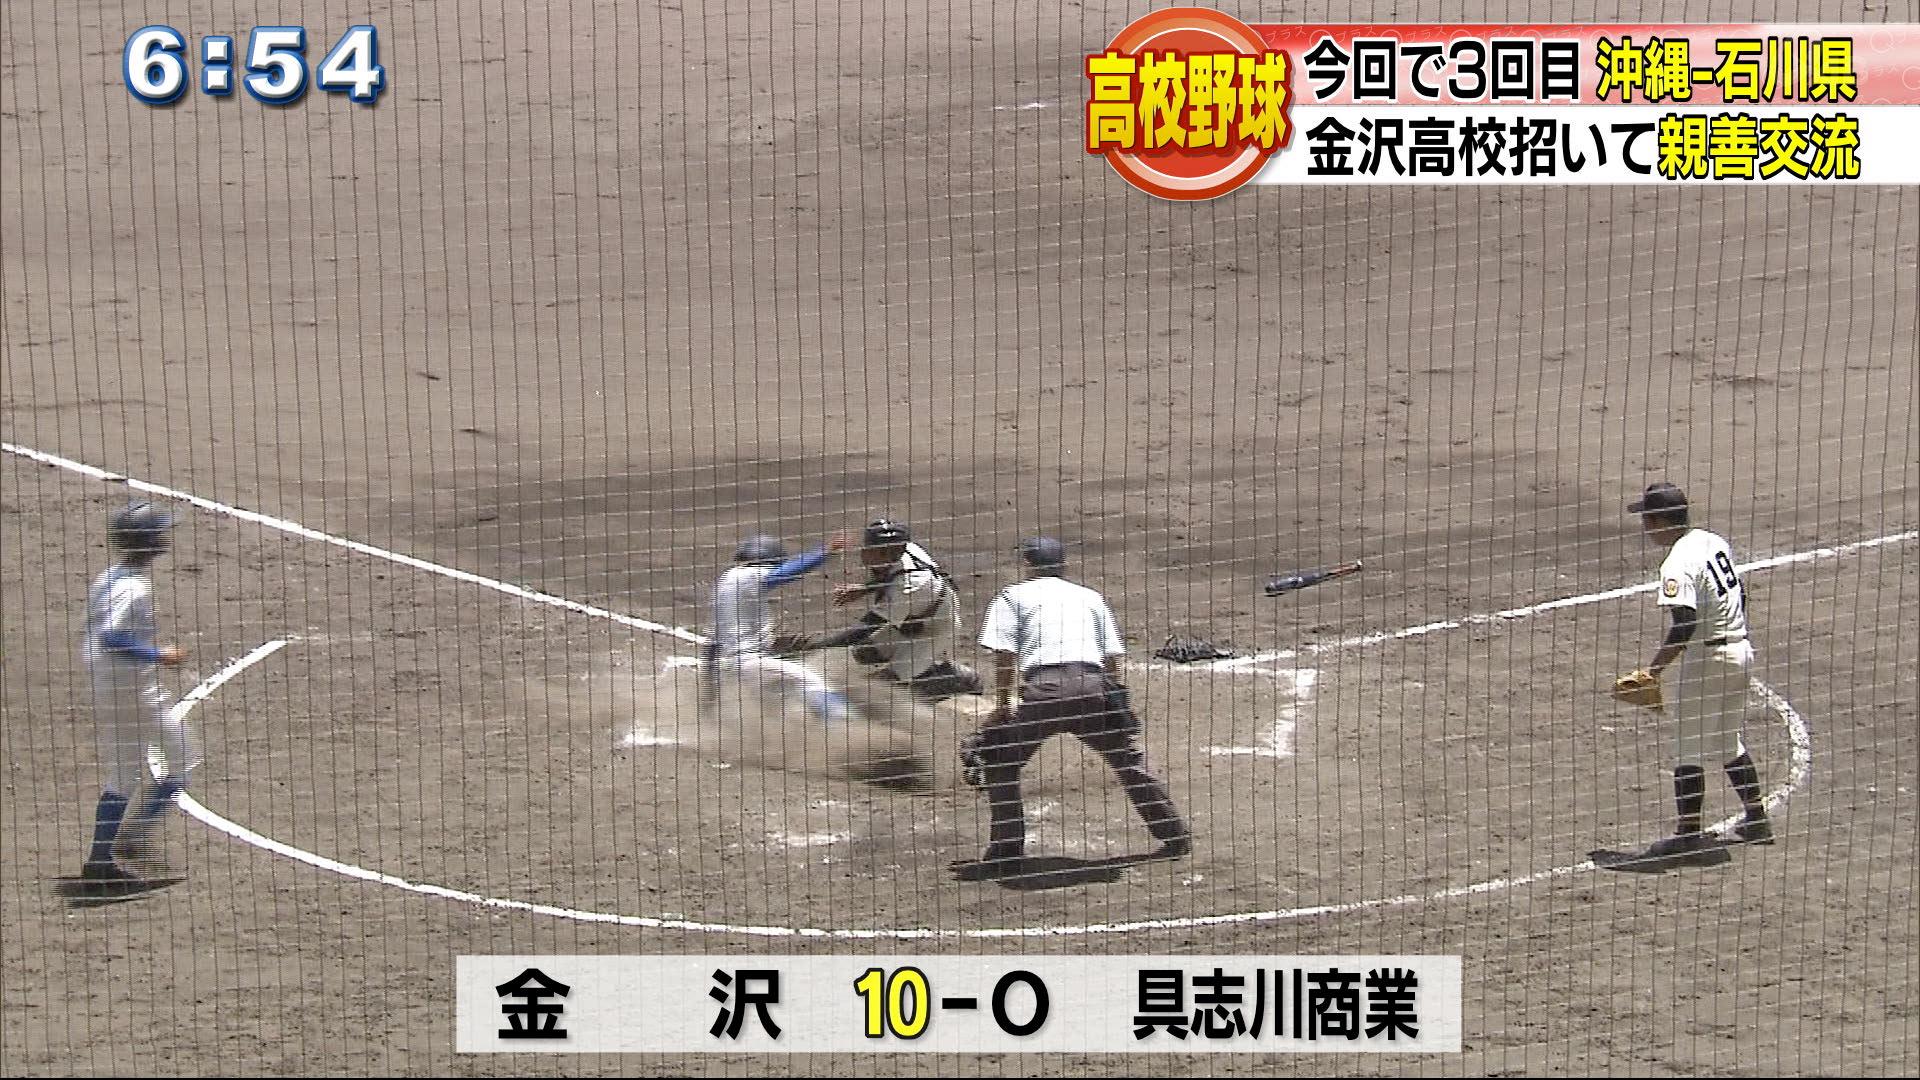 沖縄・石川親善高校野球交流大会